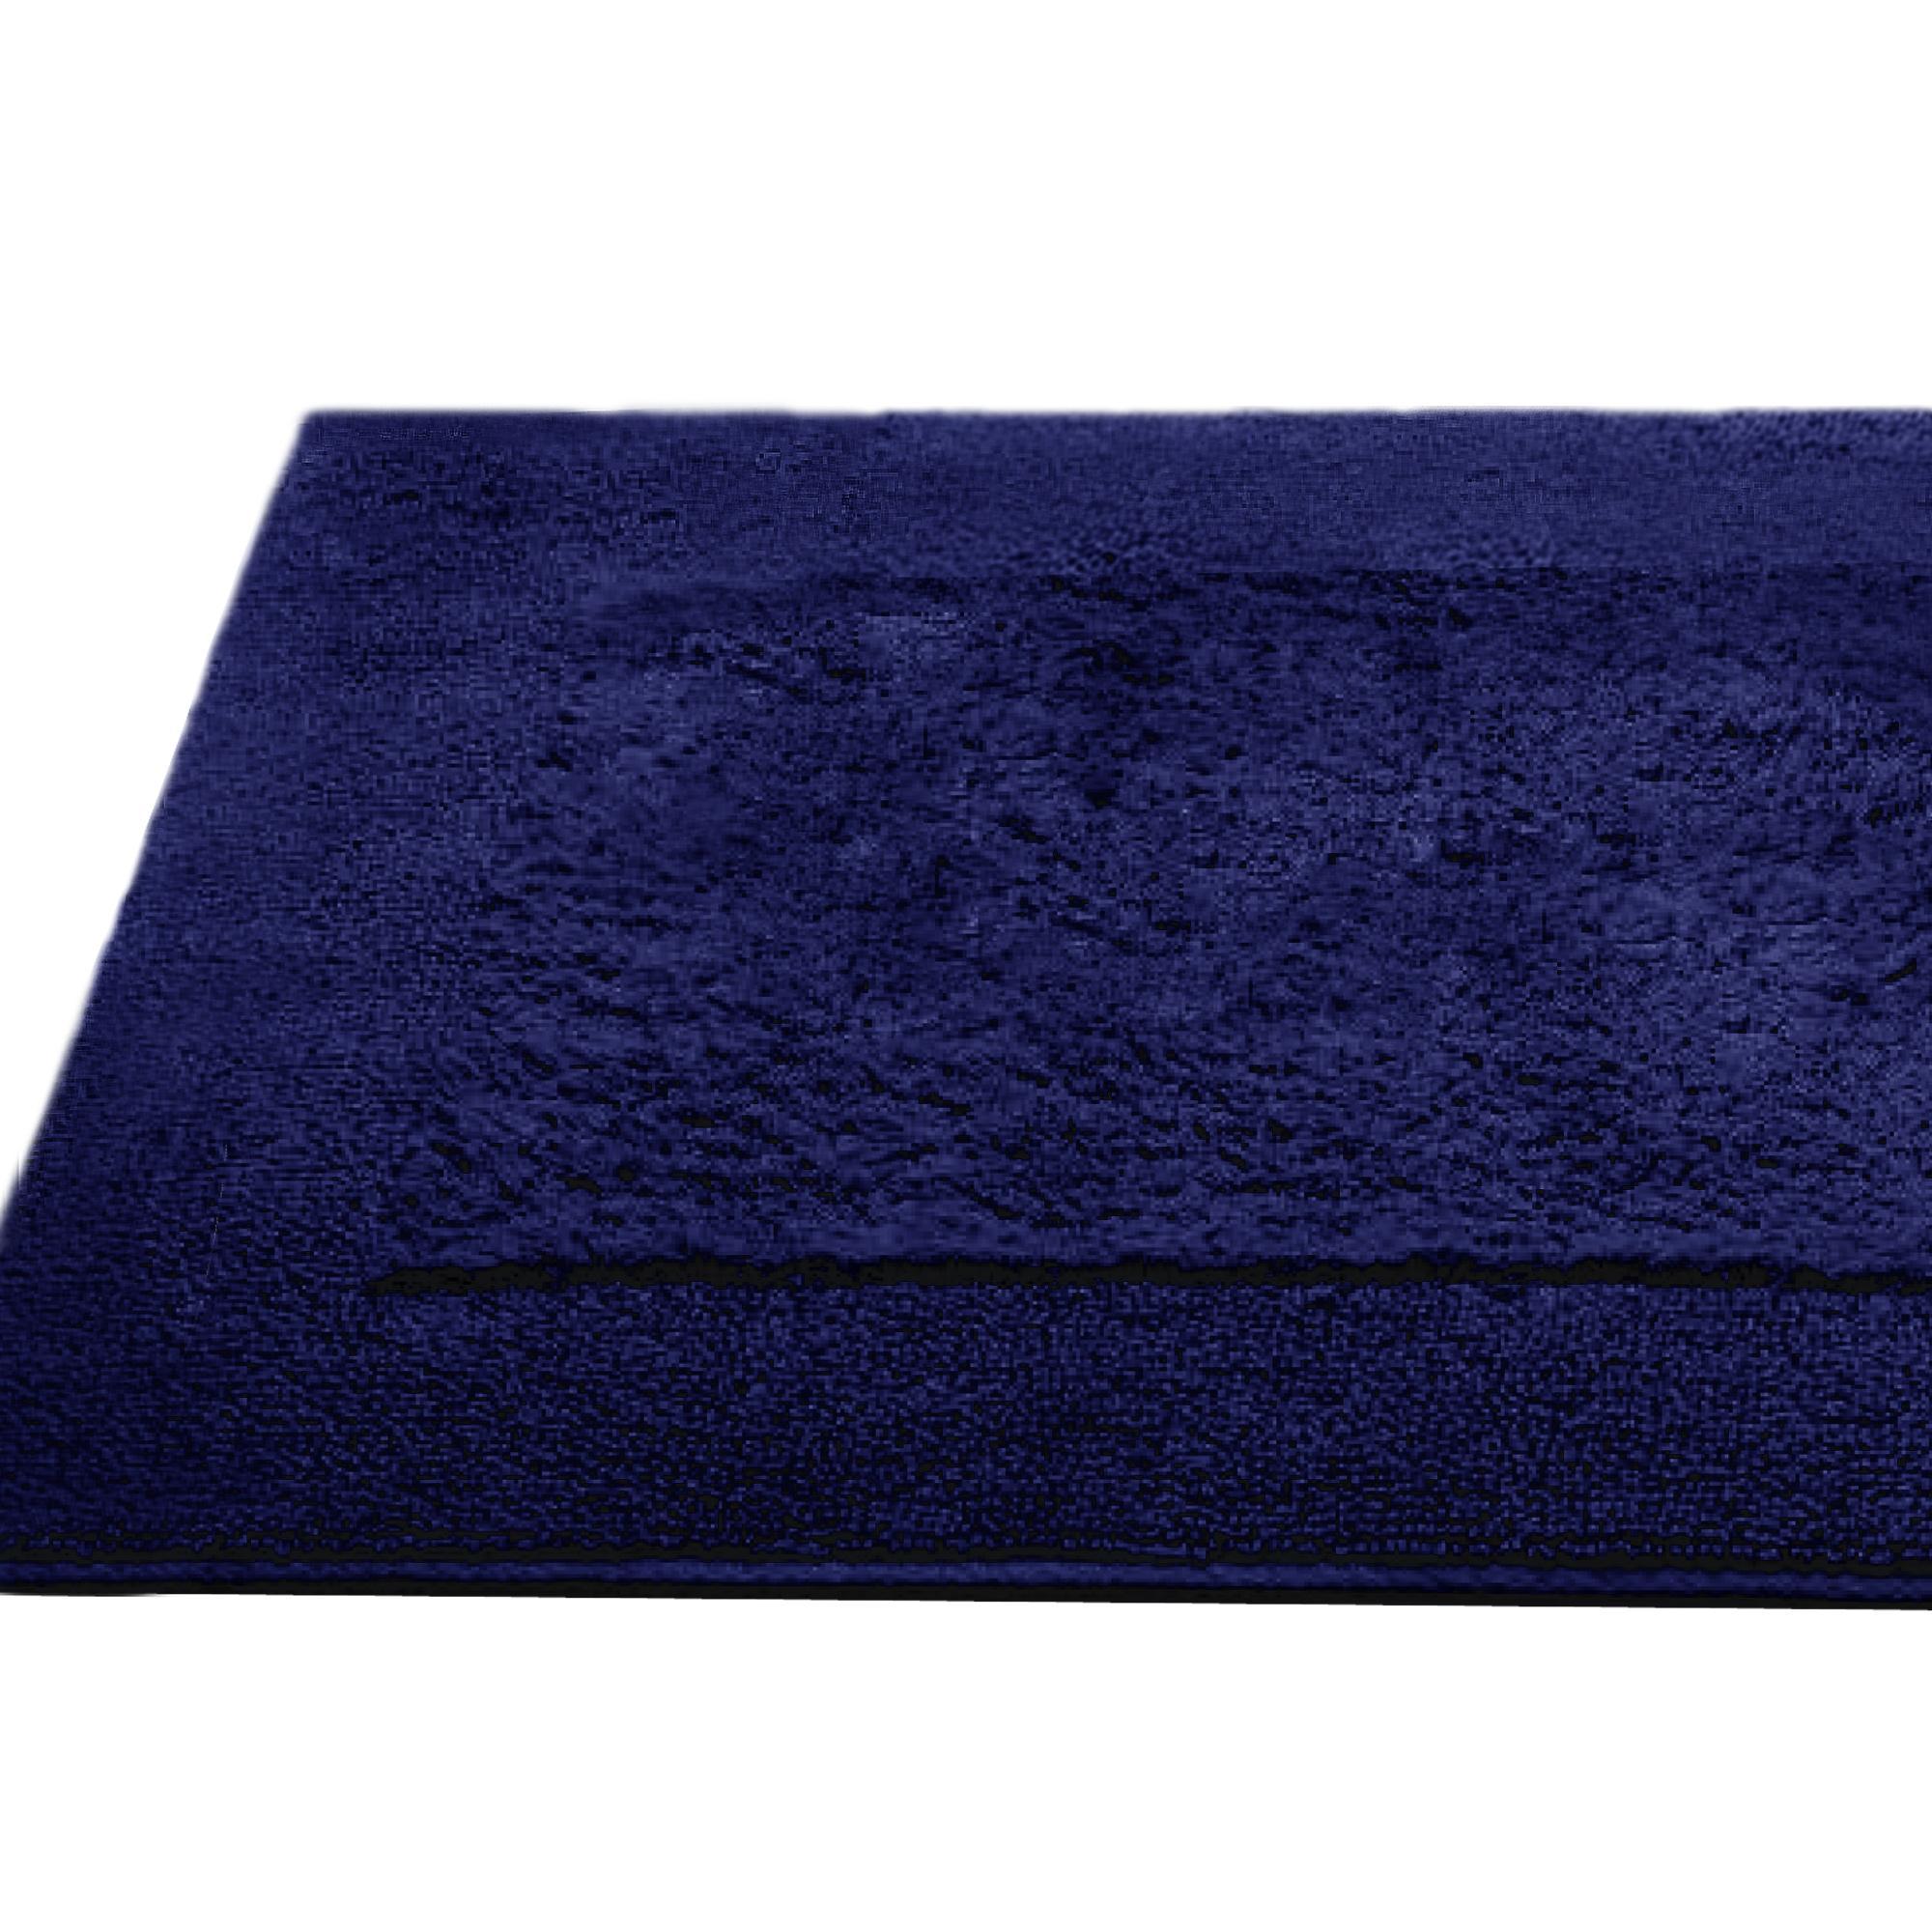 tapis de bain 70x120cm coton uni dream bleu marine linnea linge de maison et. Black Bedroom Furniture Sets. Home Design Ideas